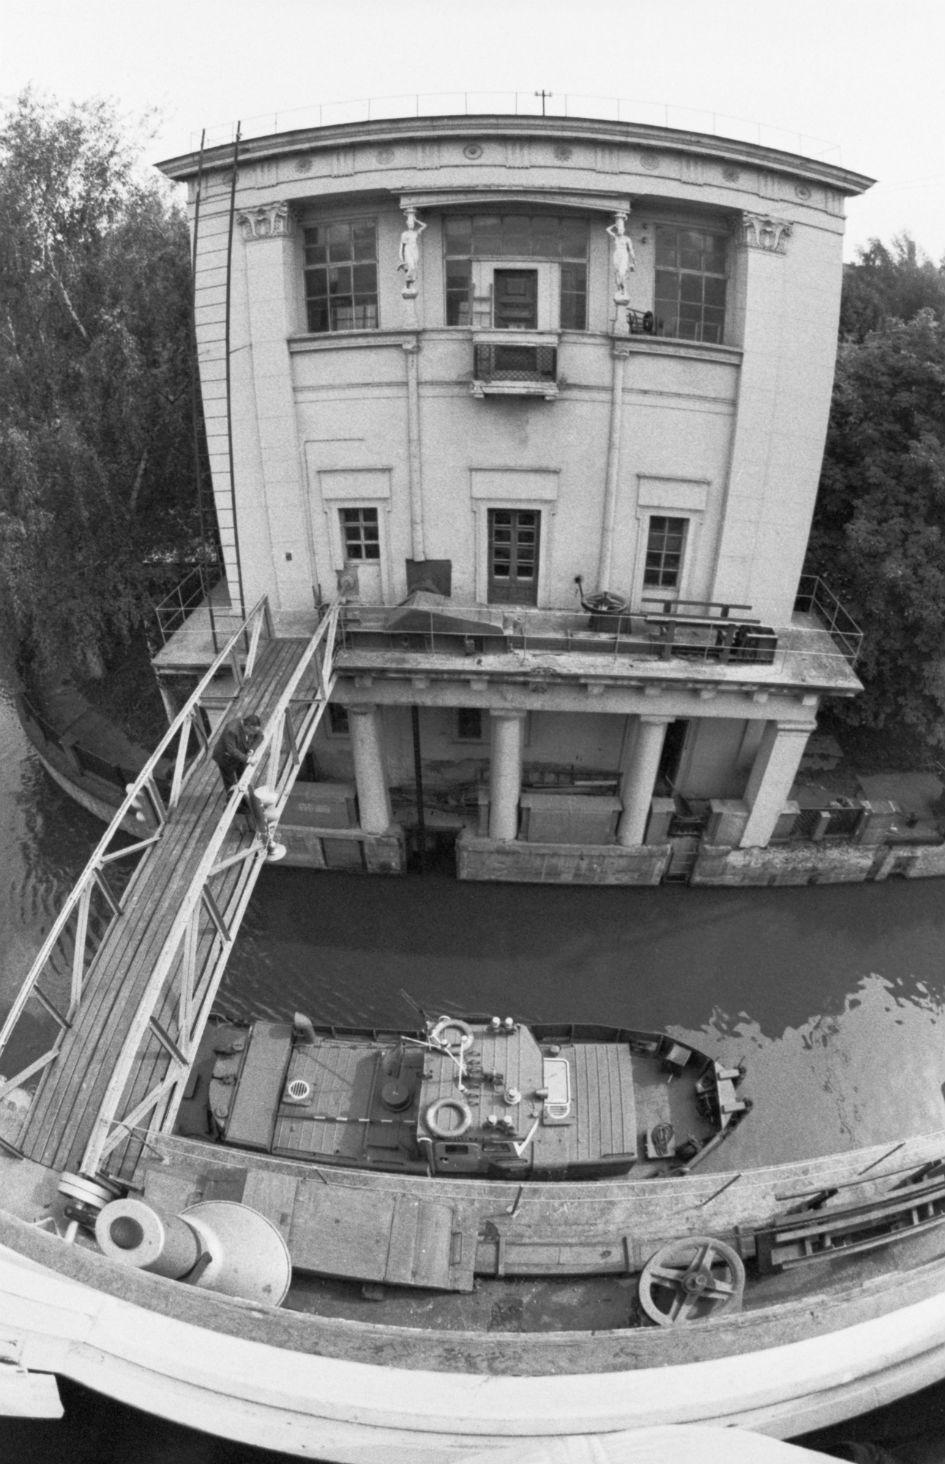 Здание шлюза на реке Яузе, сооруженное в 1940 году, является памятником архитектуры и охраняется государством